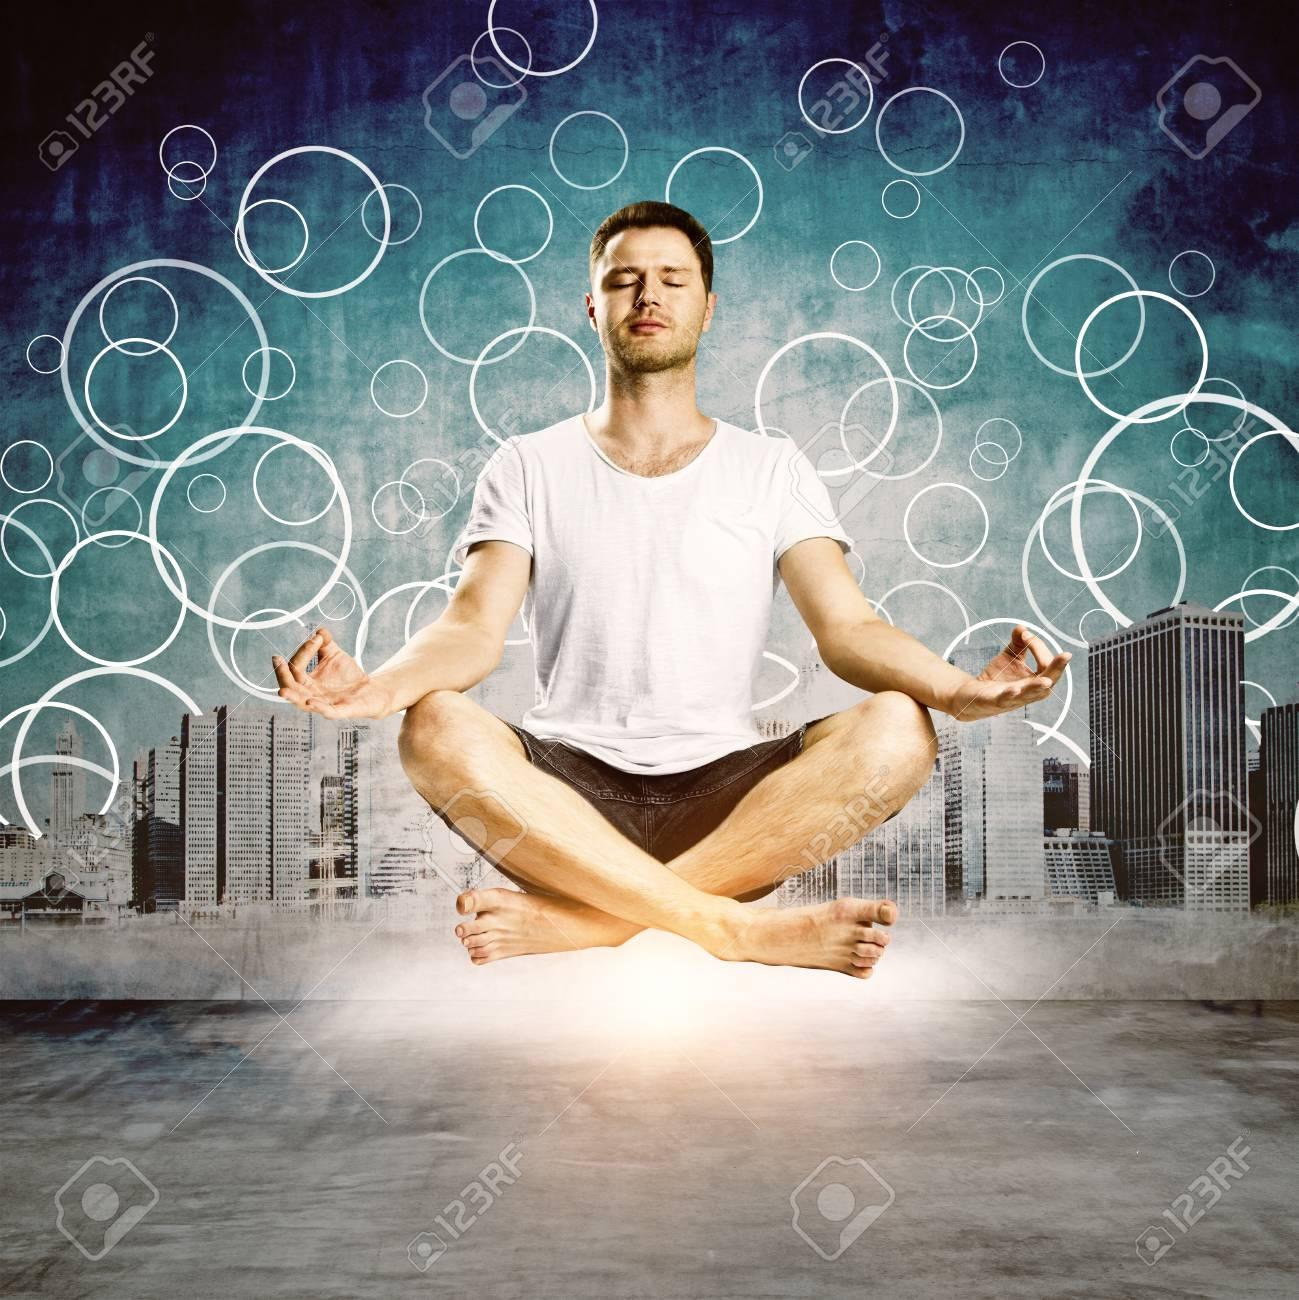 Immagini Stock Meditando Giovane Uomo Europeo Su Sfondo Astratto Citta Benessere E Concetto Di Salute Image 87294609